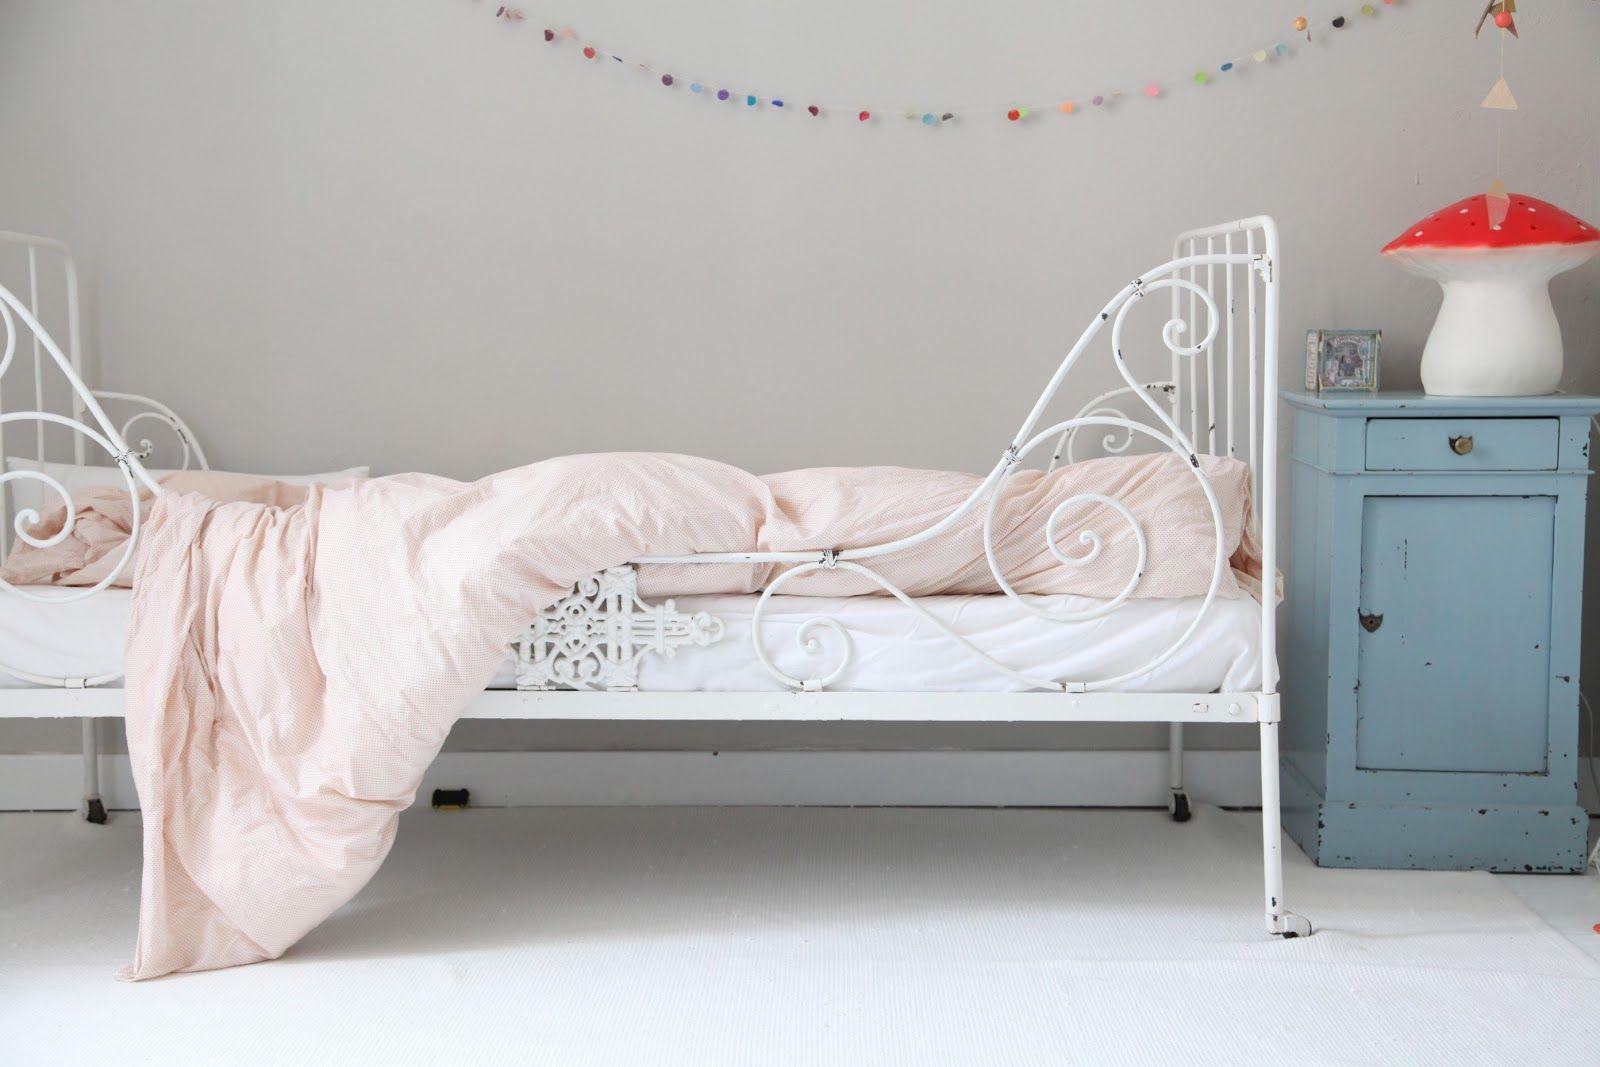 Deco Chambre Avec Lit En Fer lit petite fille, lit fer forgé, lit blanc, lit ancien